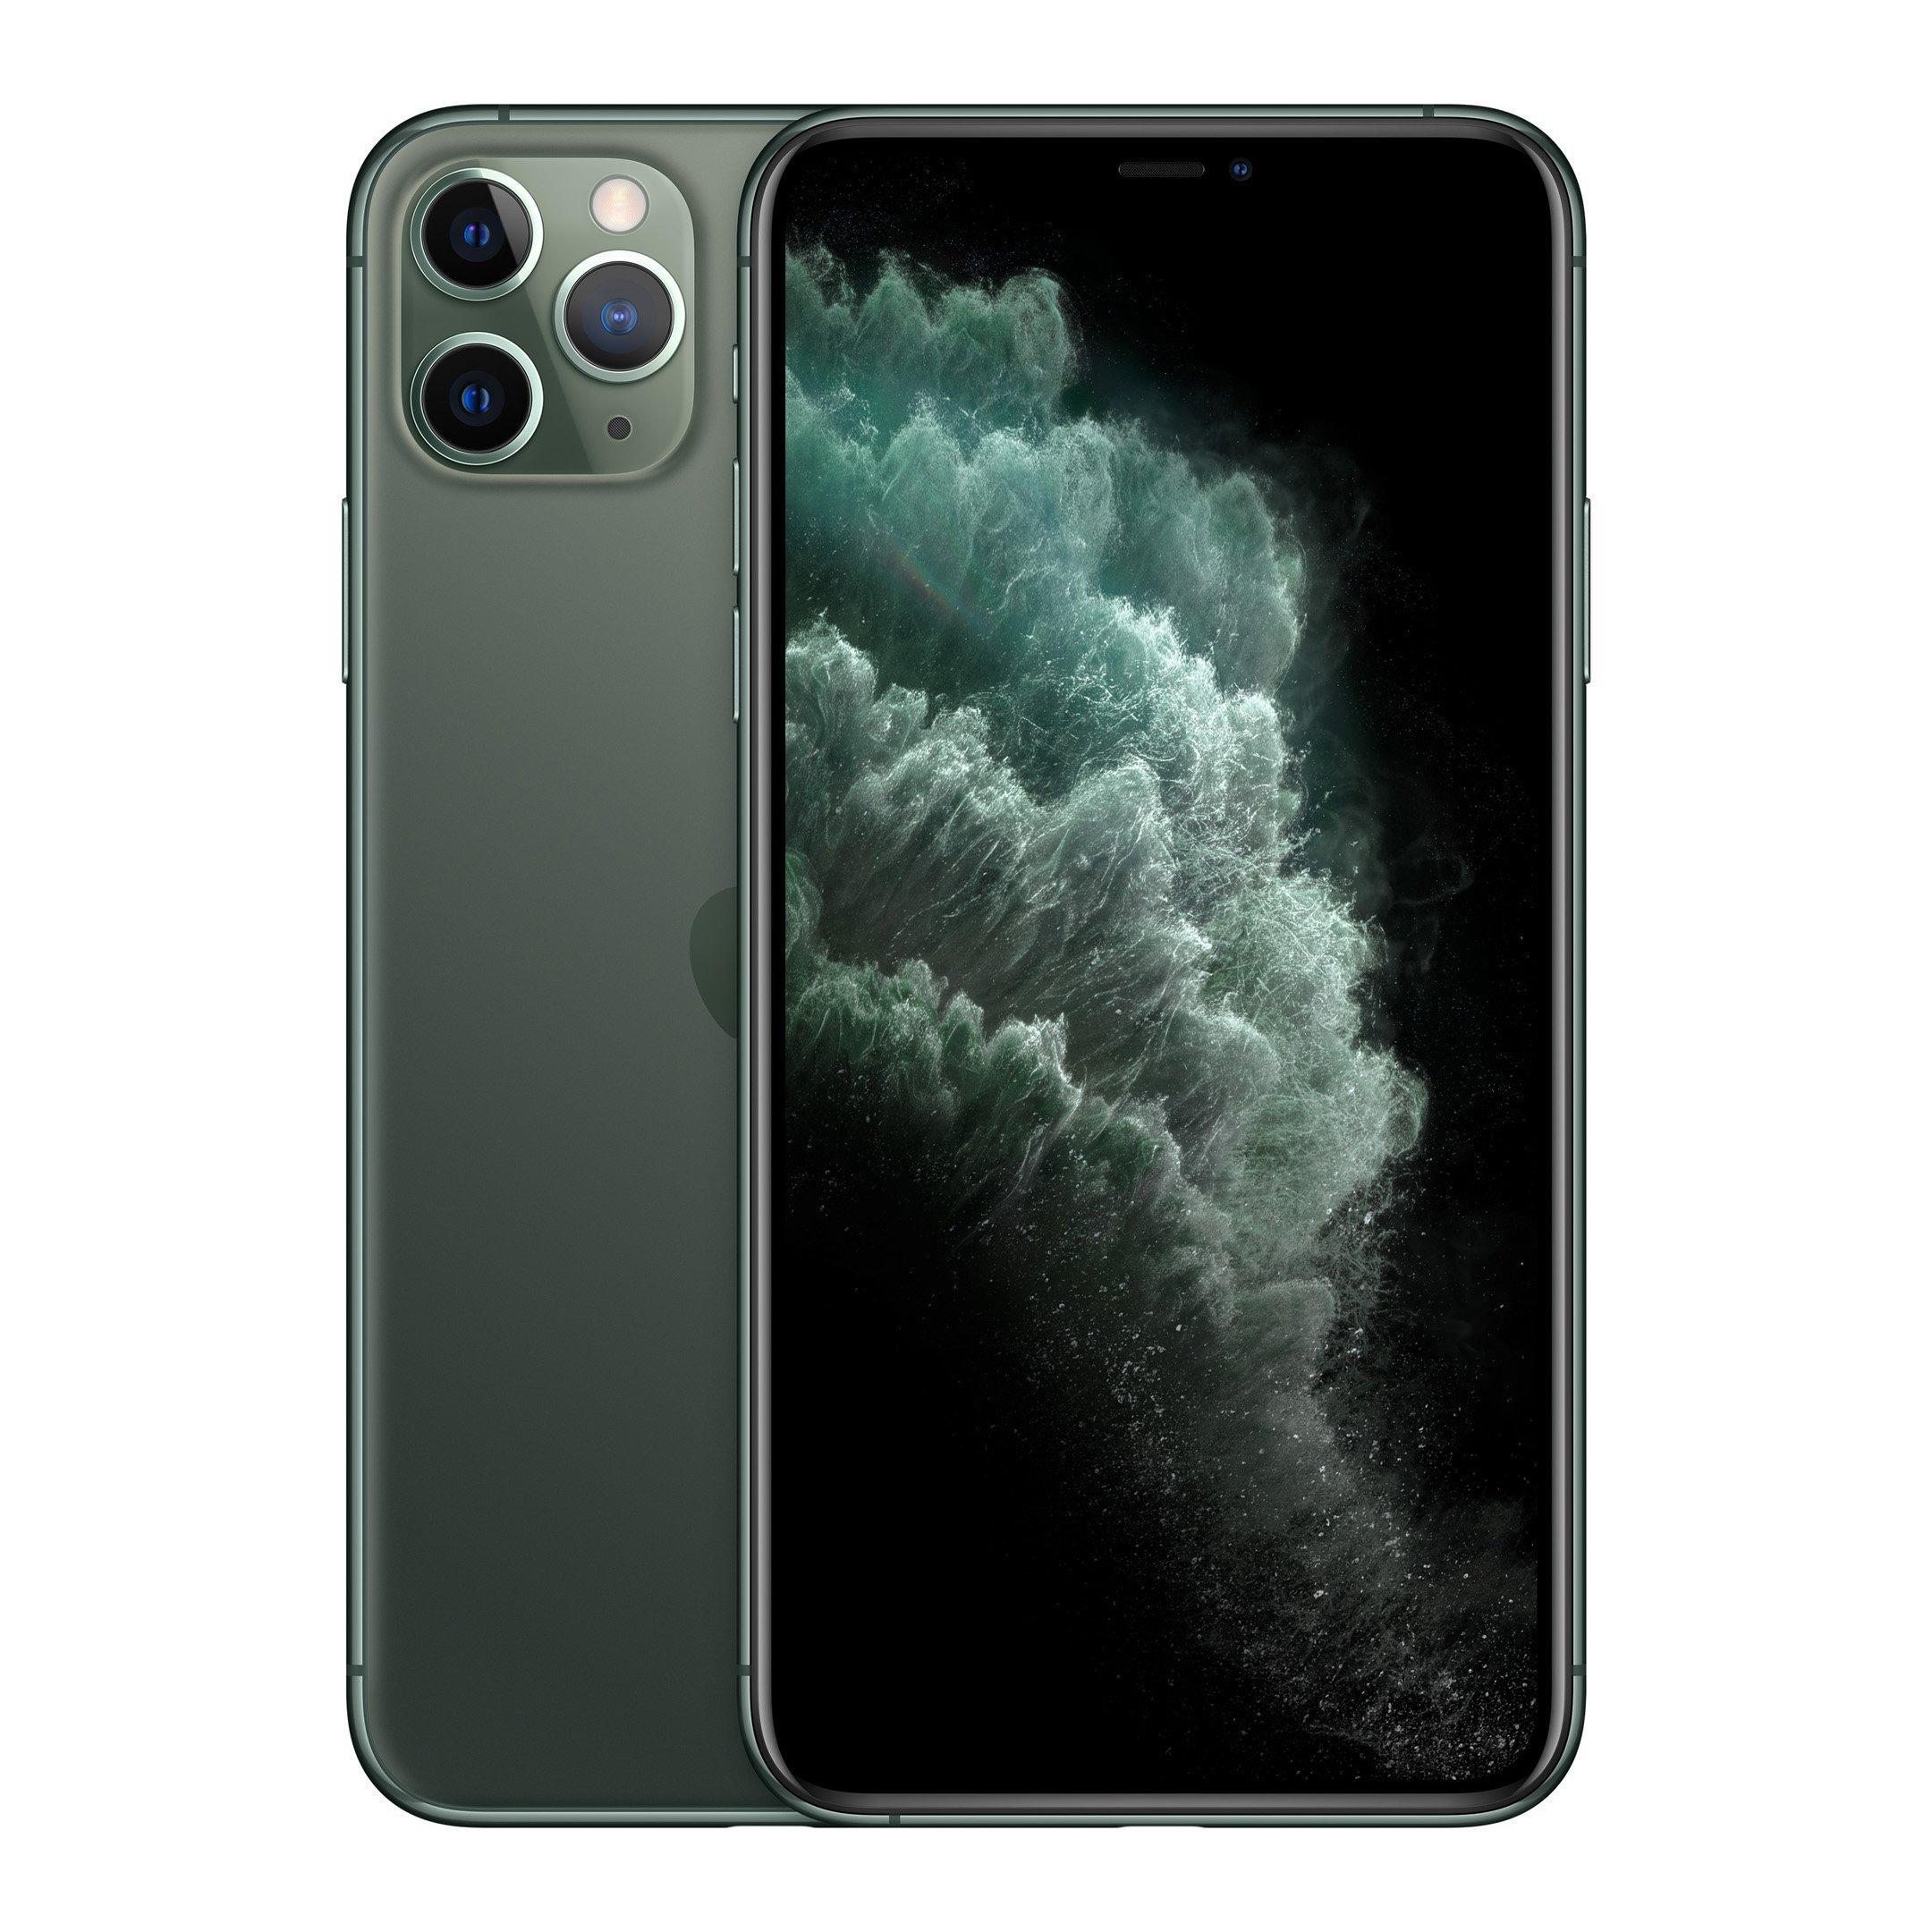 أبل أيفون 11 برو ماكس 256 جيجا أخضر داكن اكسترا السعودية